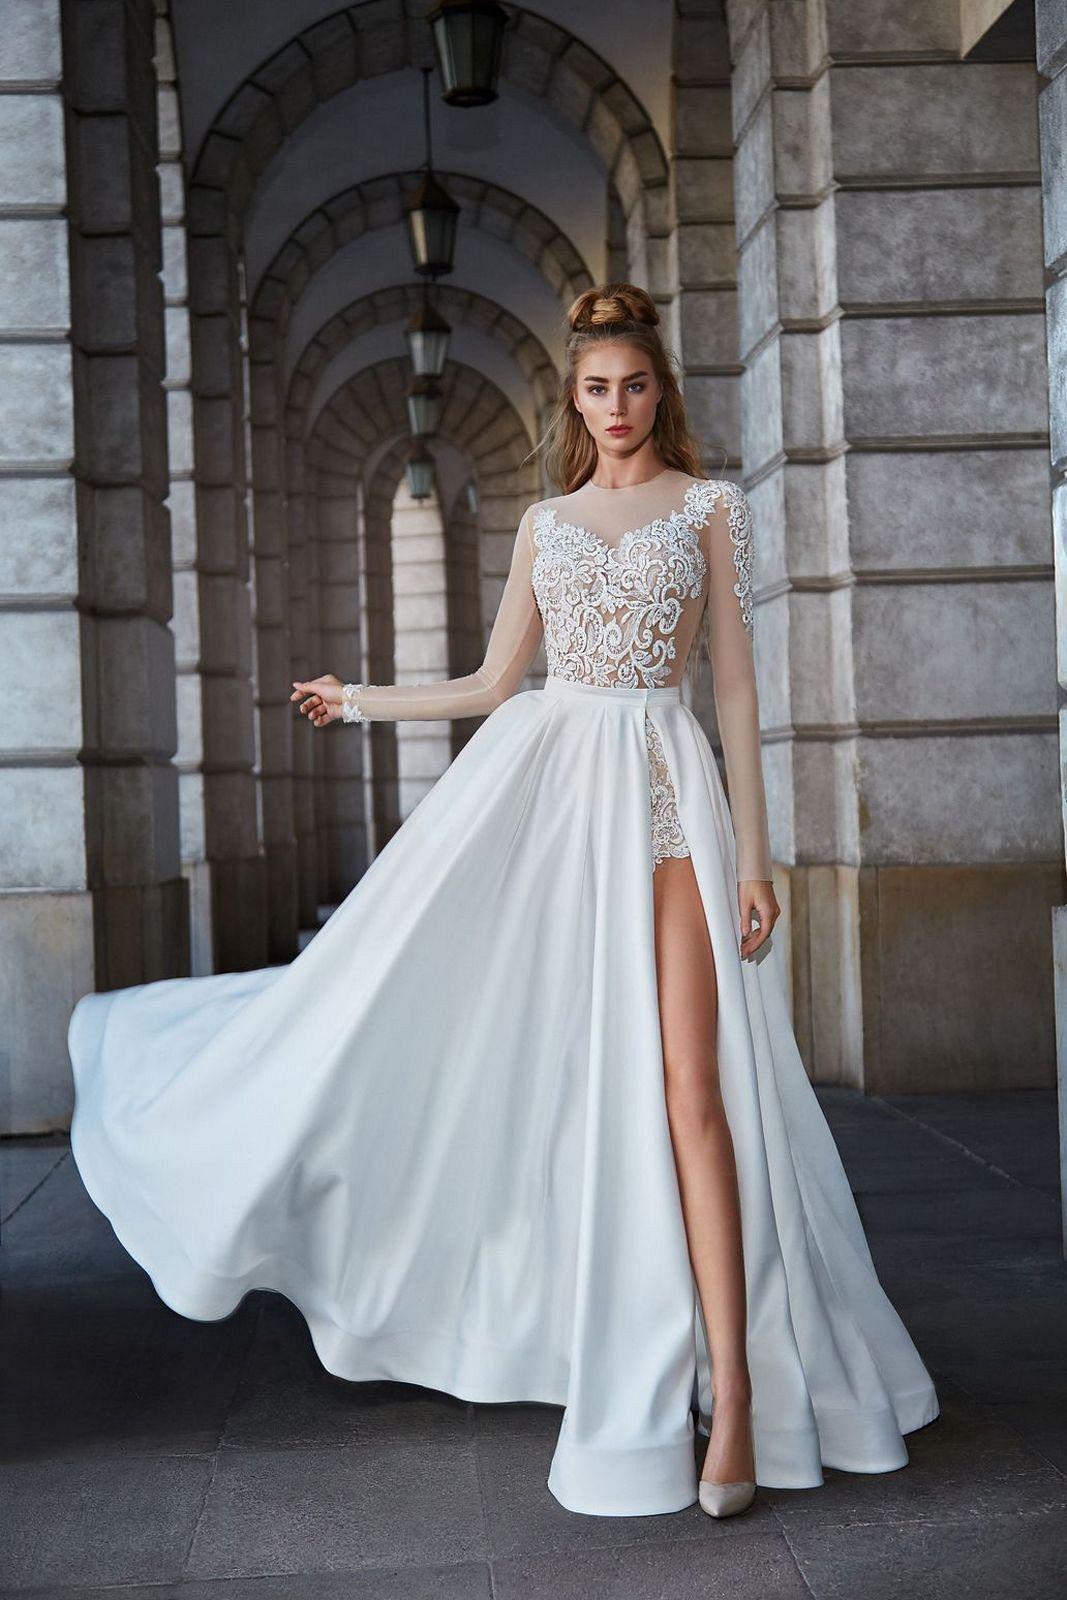 Nejúžasnější svatební šaty - body a sukně, vel. 34-36 - Obrázek č. 1